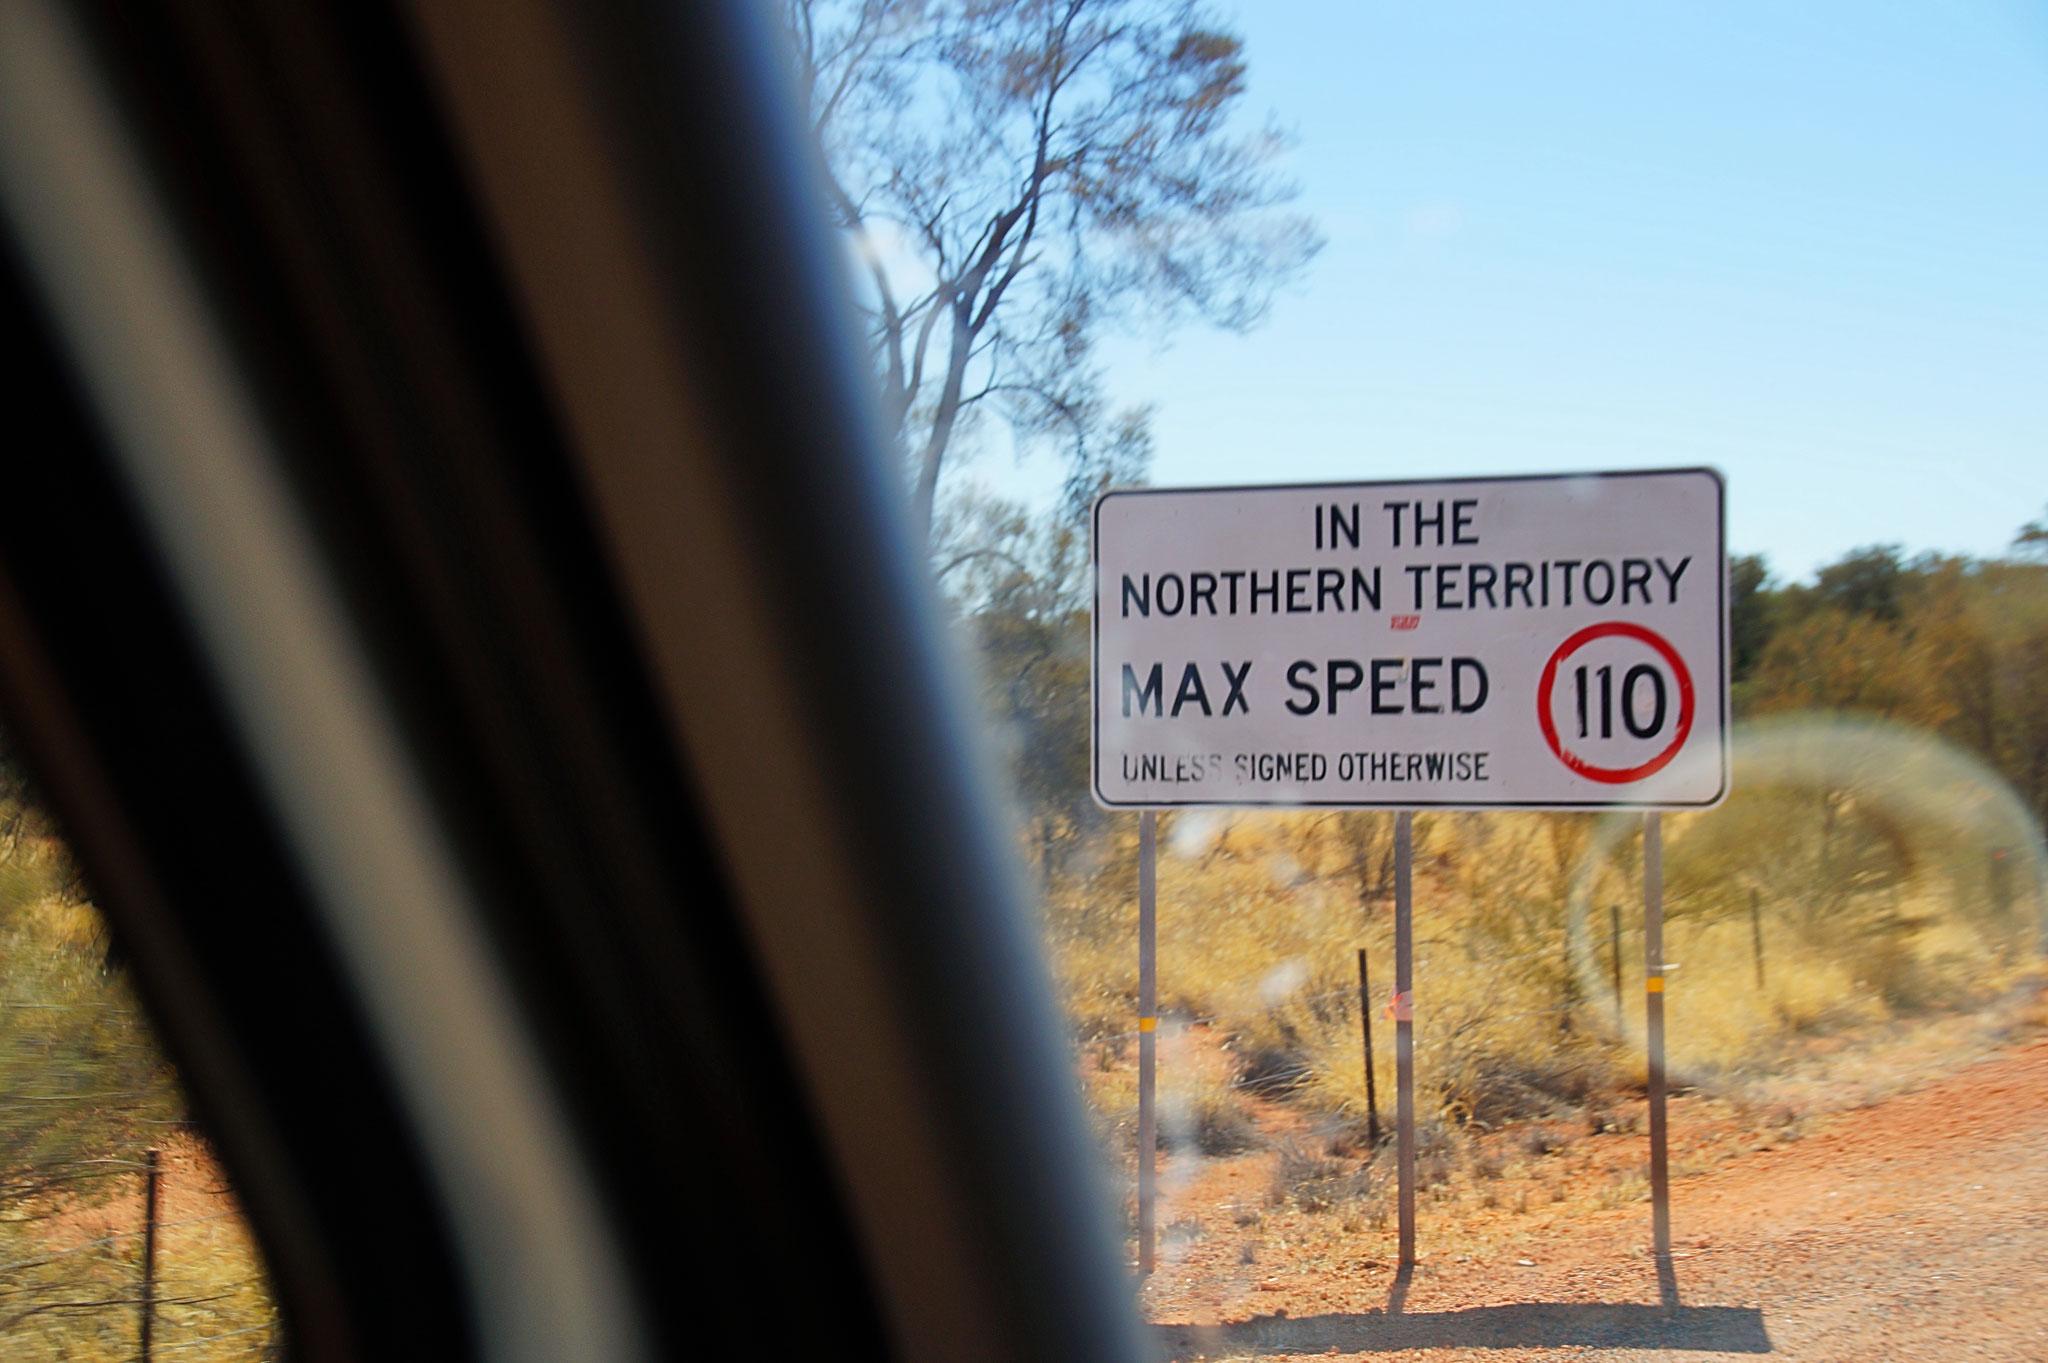 Höchstgeschwindigkeit 110 km/h